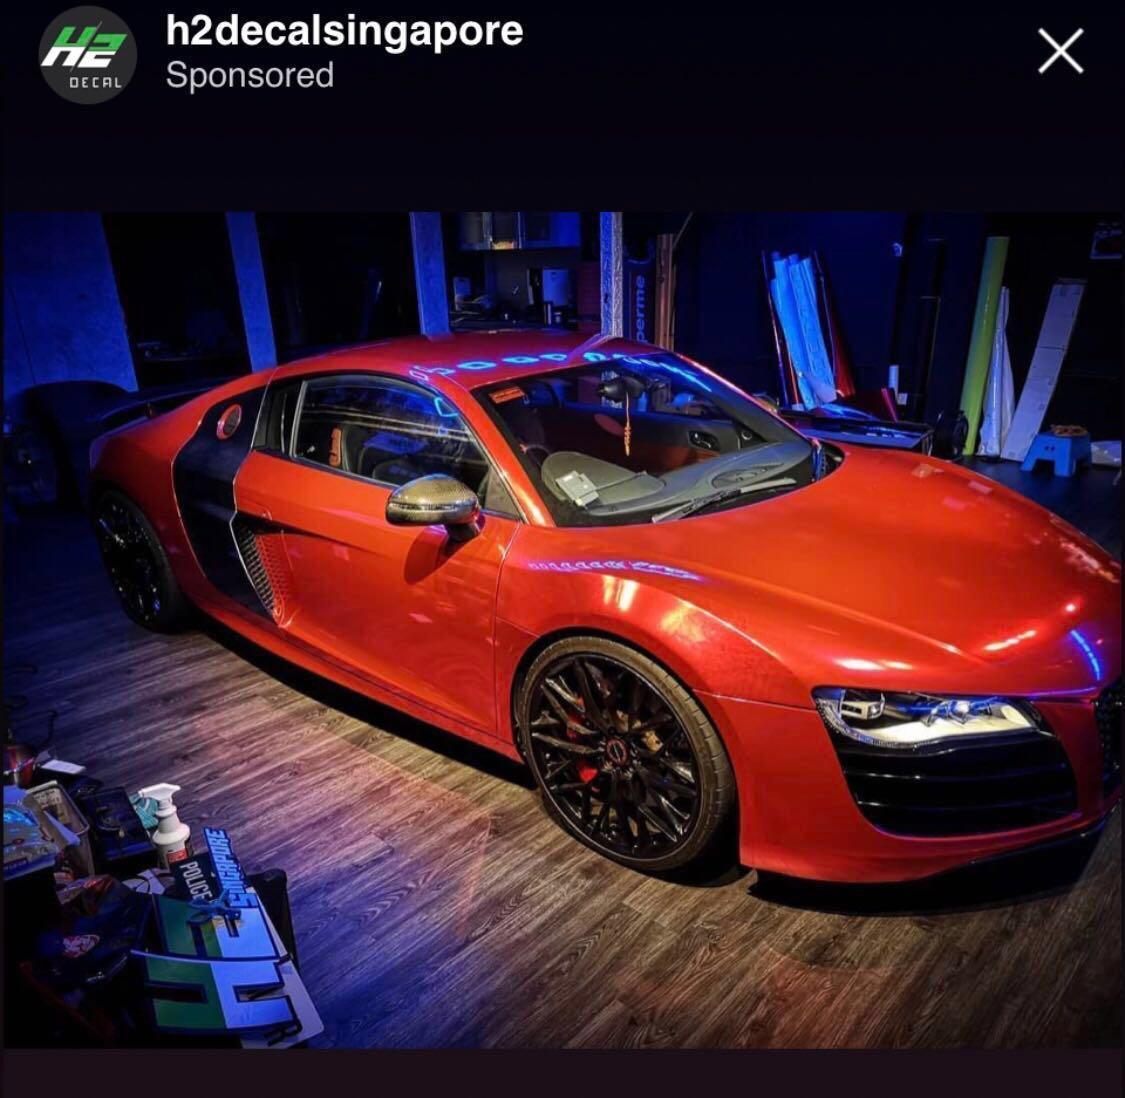 Audi R8 V10 Teckwrap Red Chrome, Car Accessories